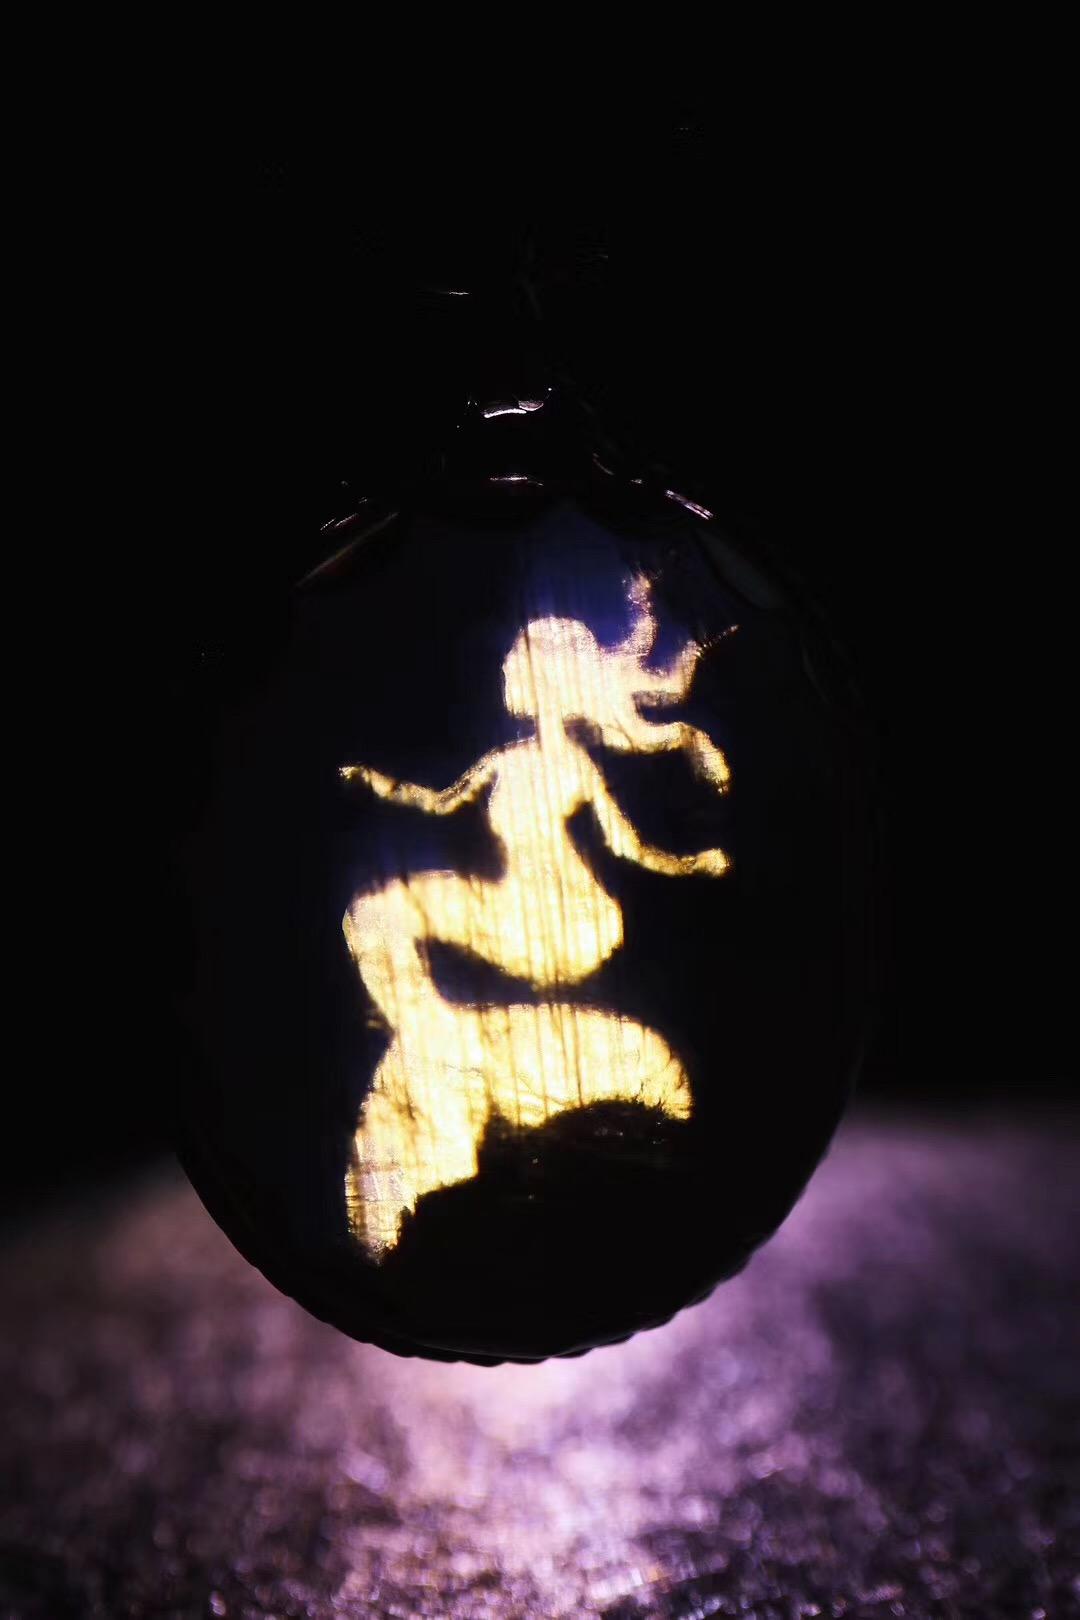 【菩心-月光石&鱼美人】那曼妙的身姿回旋在我的脑海,久久不能散去...-菩心晶舍